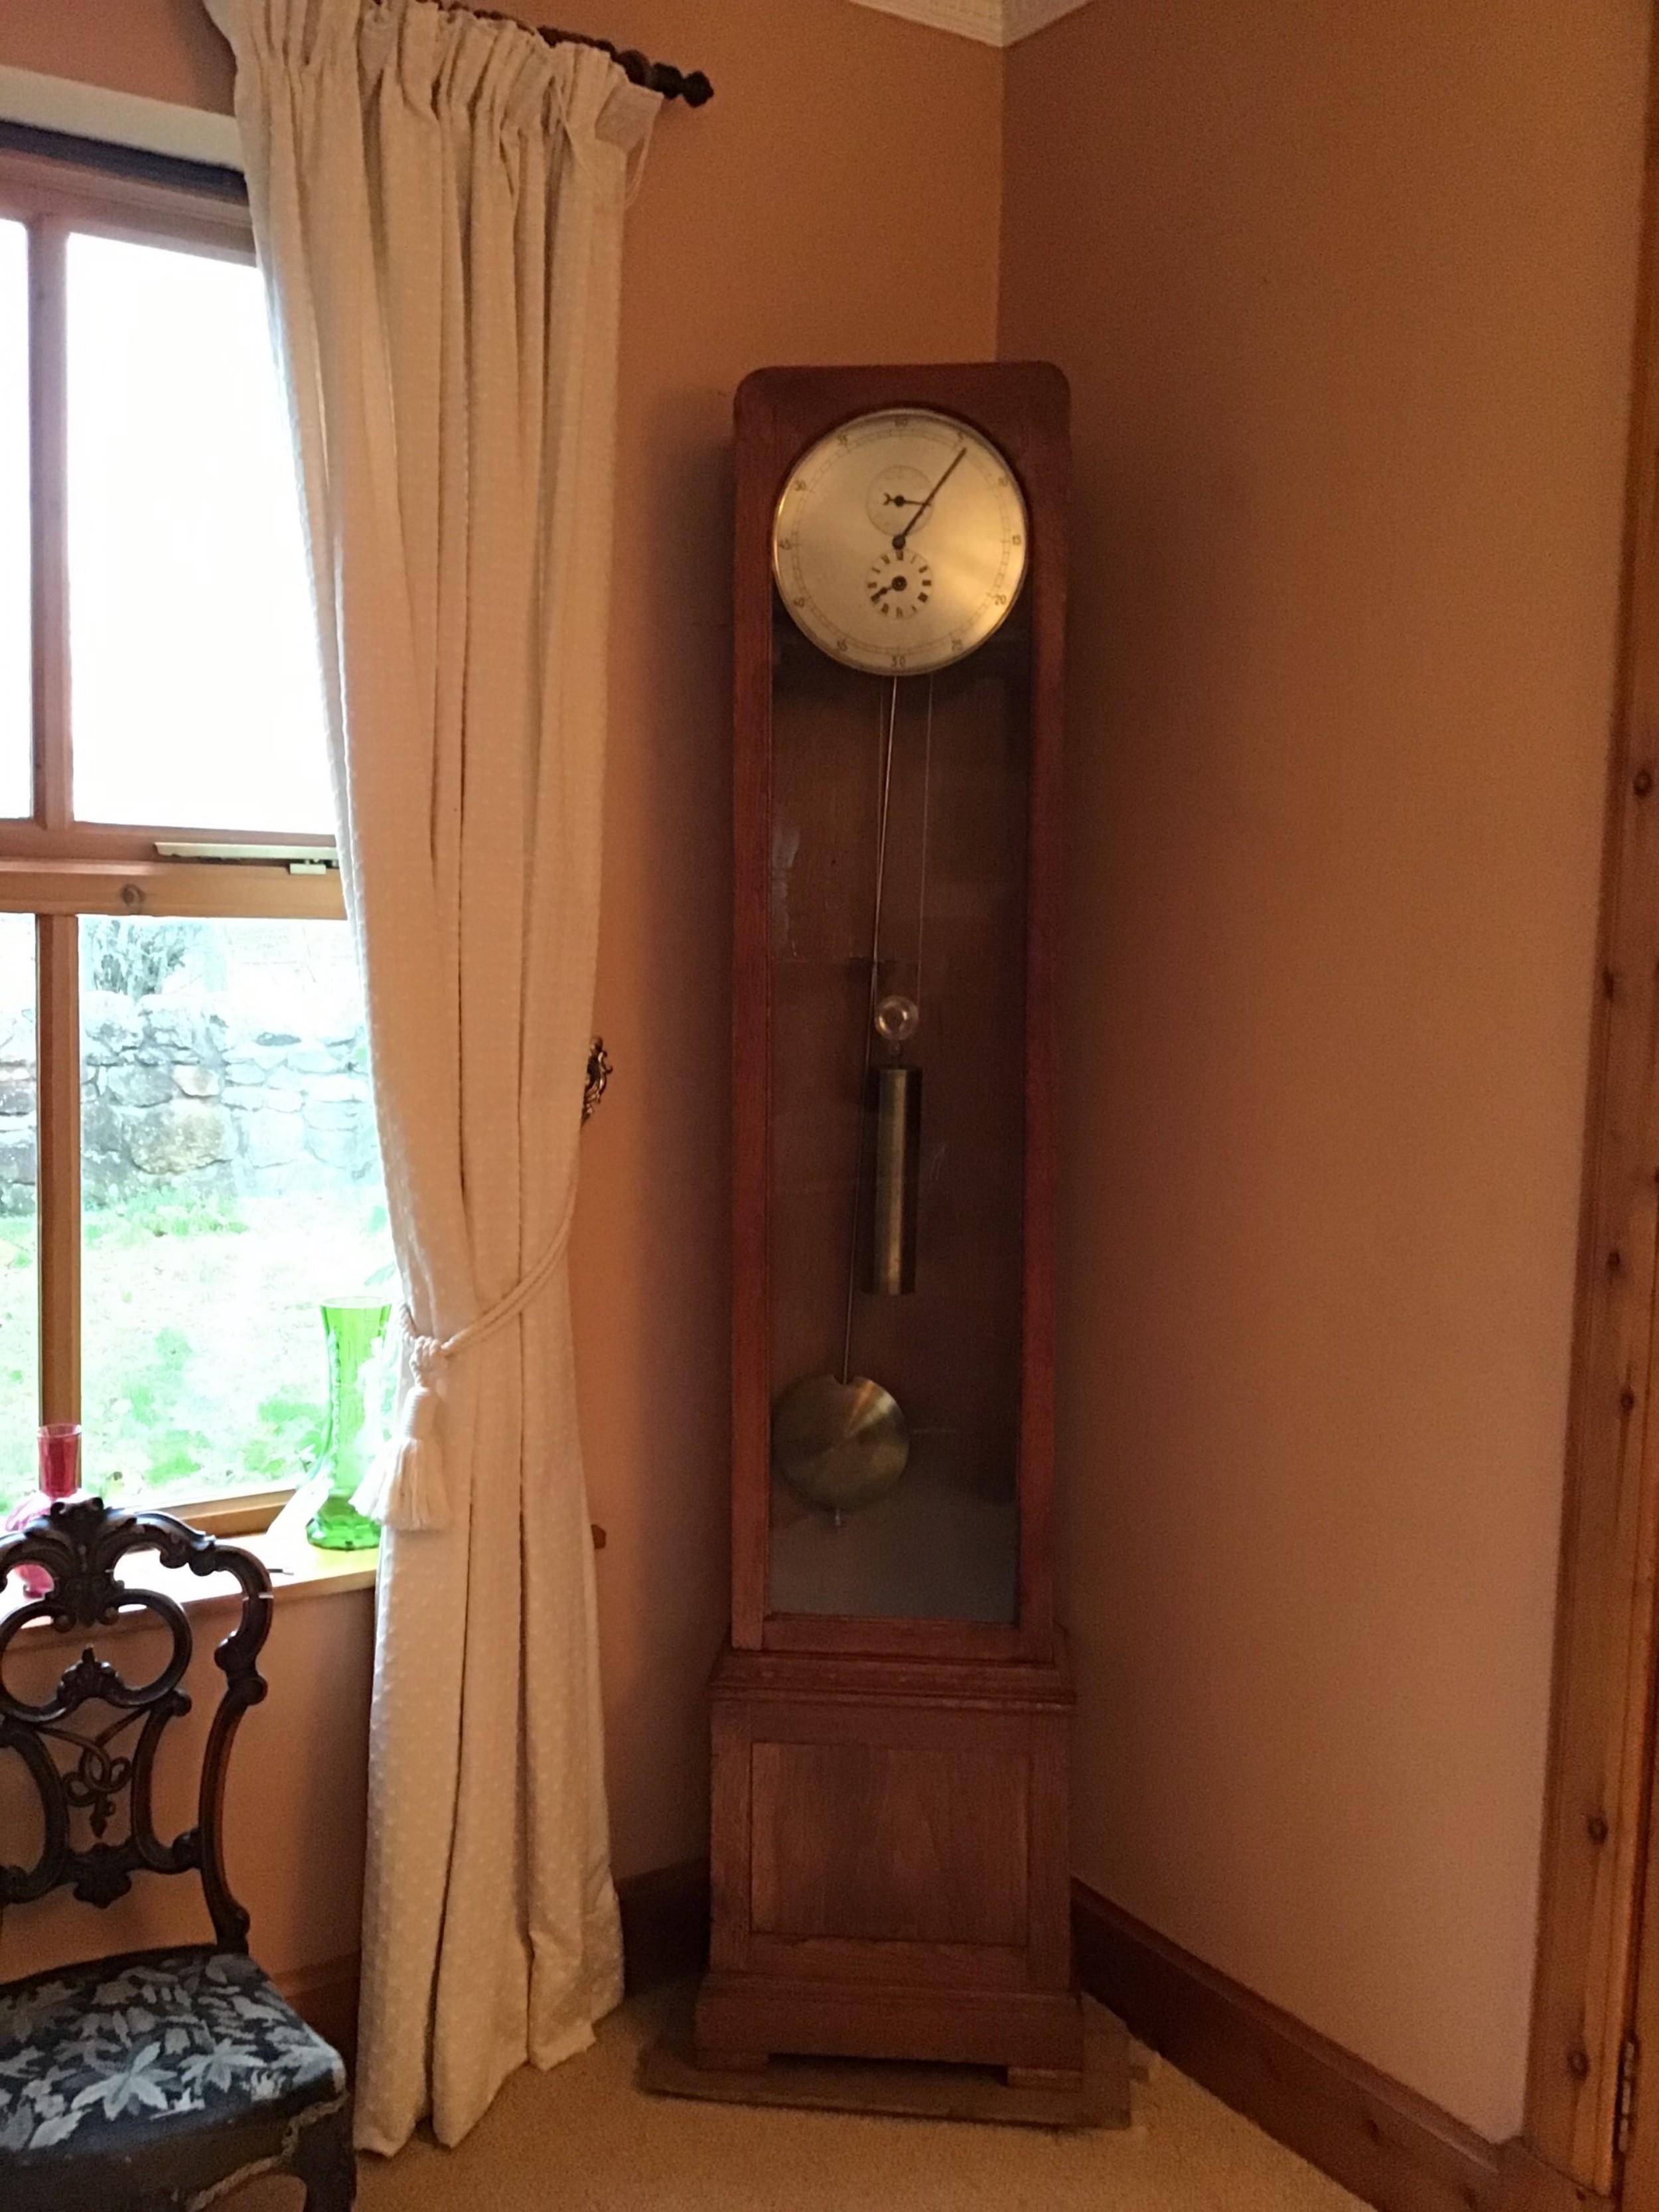 clocks long case regulator